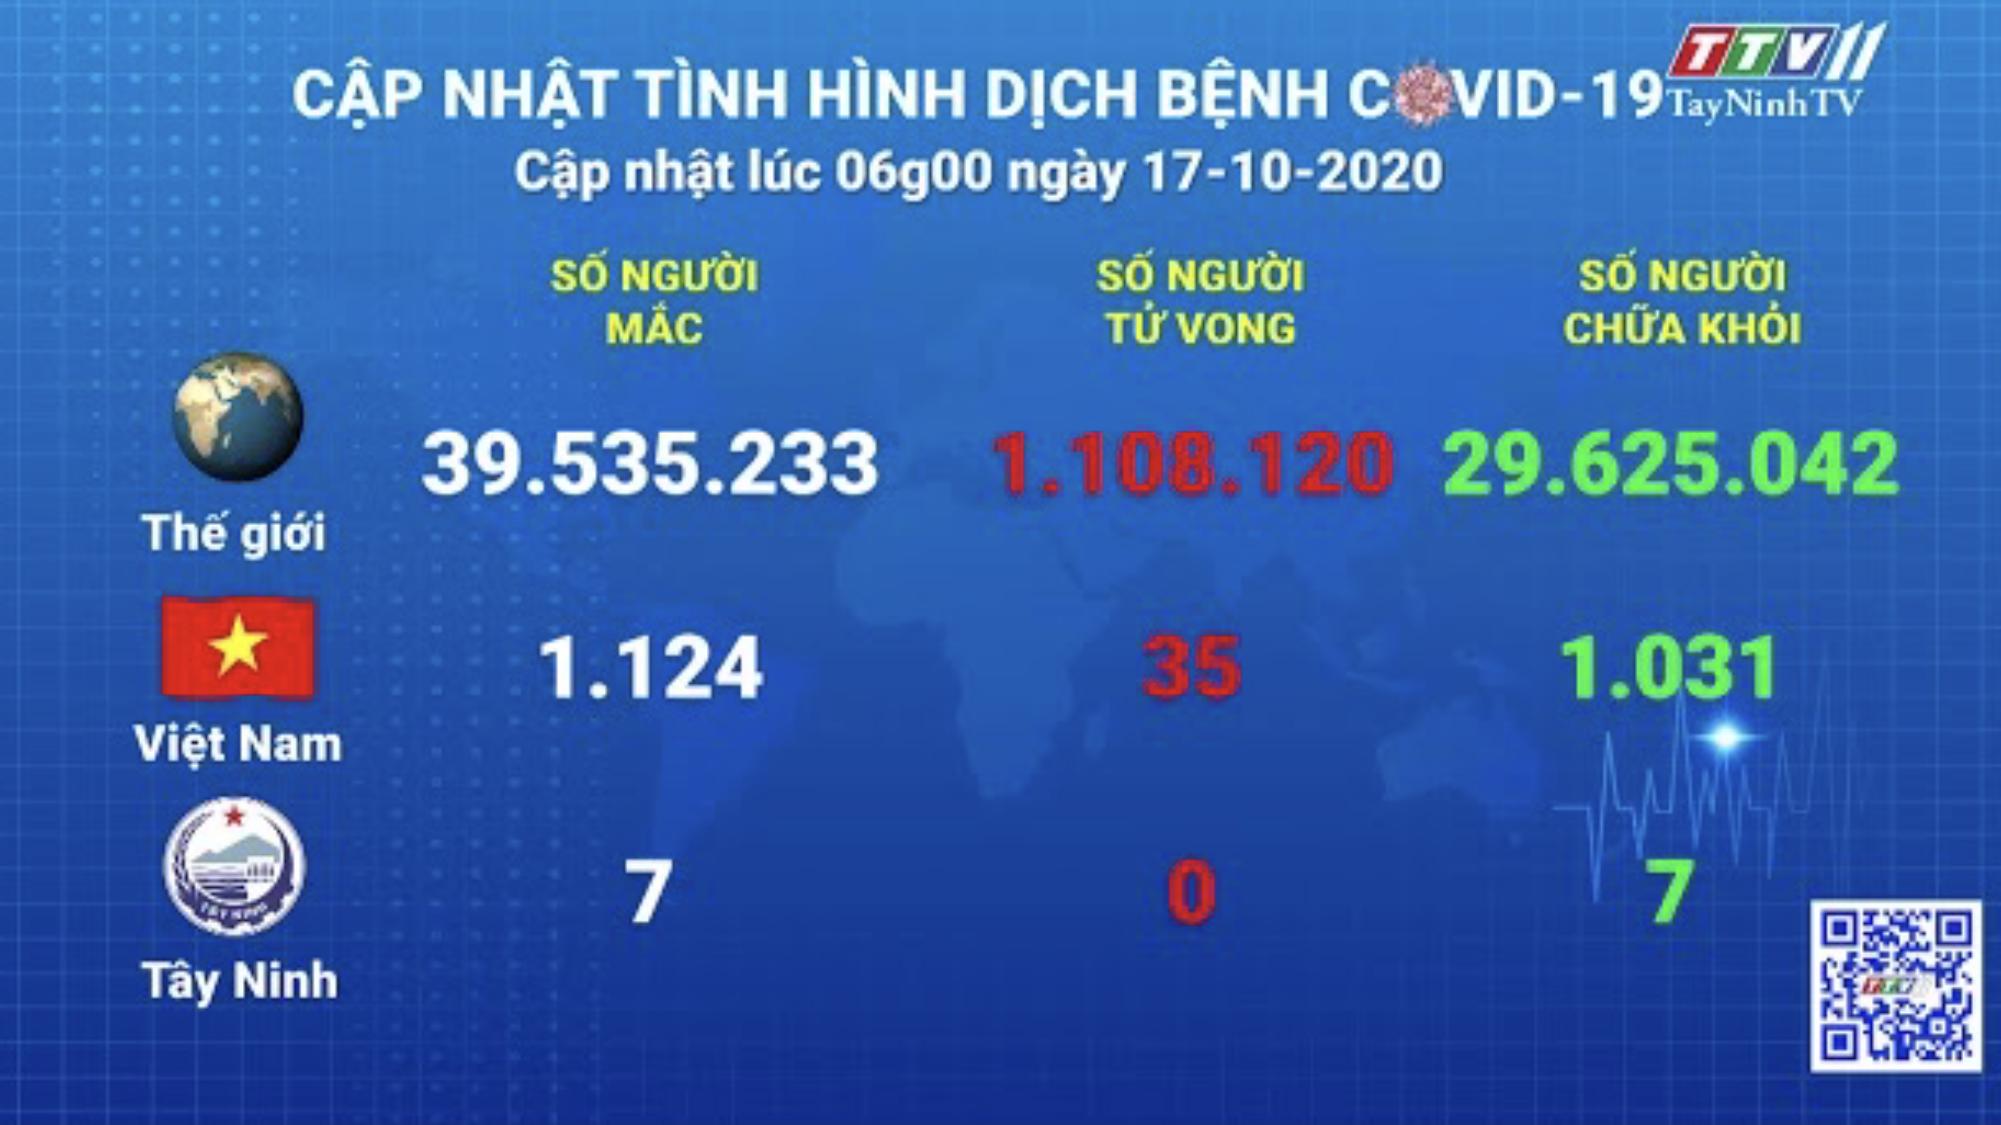 Cập nhật tình hình Covid-19 vào lúc 6 giờ 17-10-2020 | Thông tin dịch Covid-19 | TayNinhTV